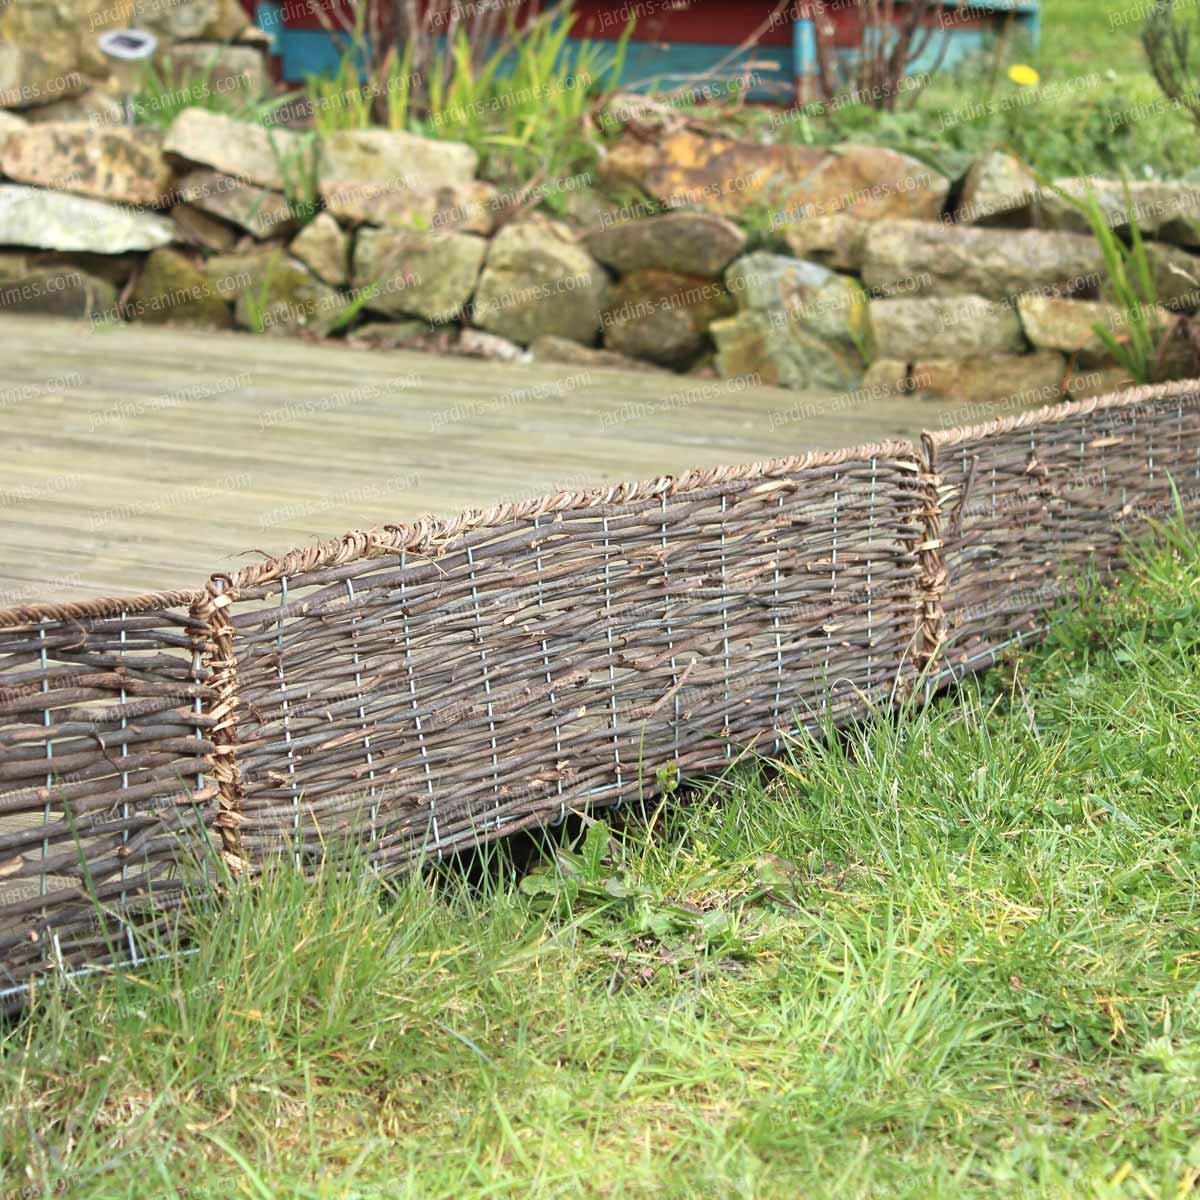 Bordure Bois Pliable - Rotin Osier L.95Cm X H.20Cm concernant Bordure Bois Pour Jardin